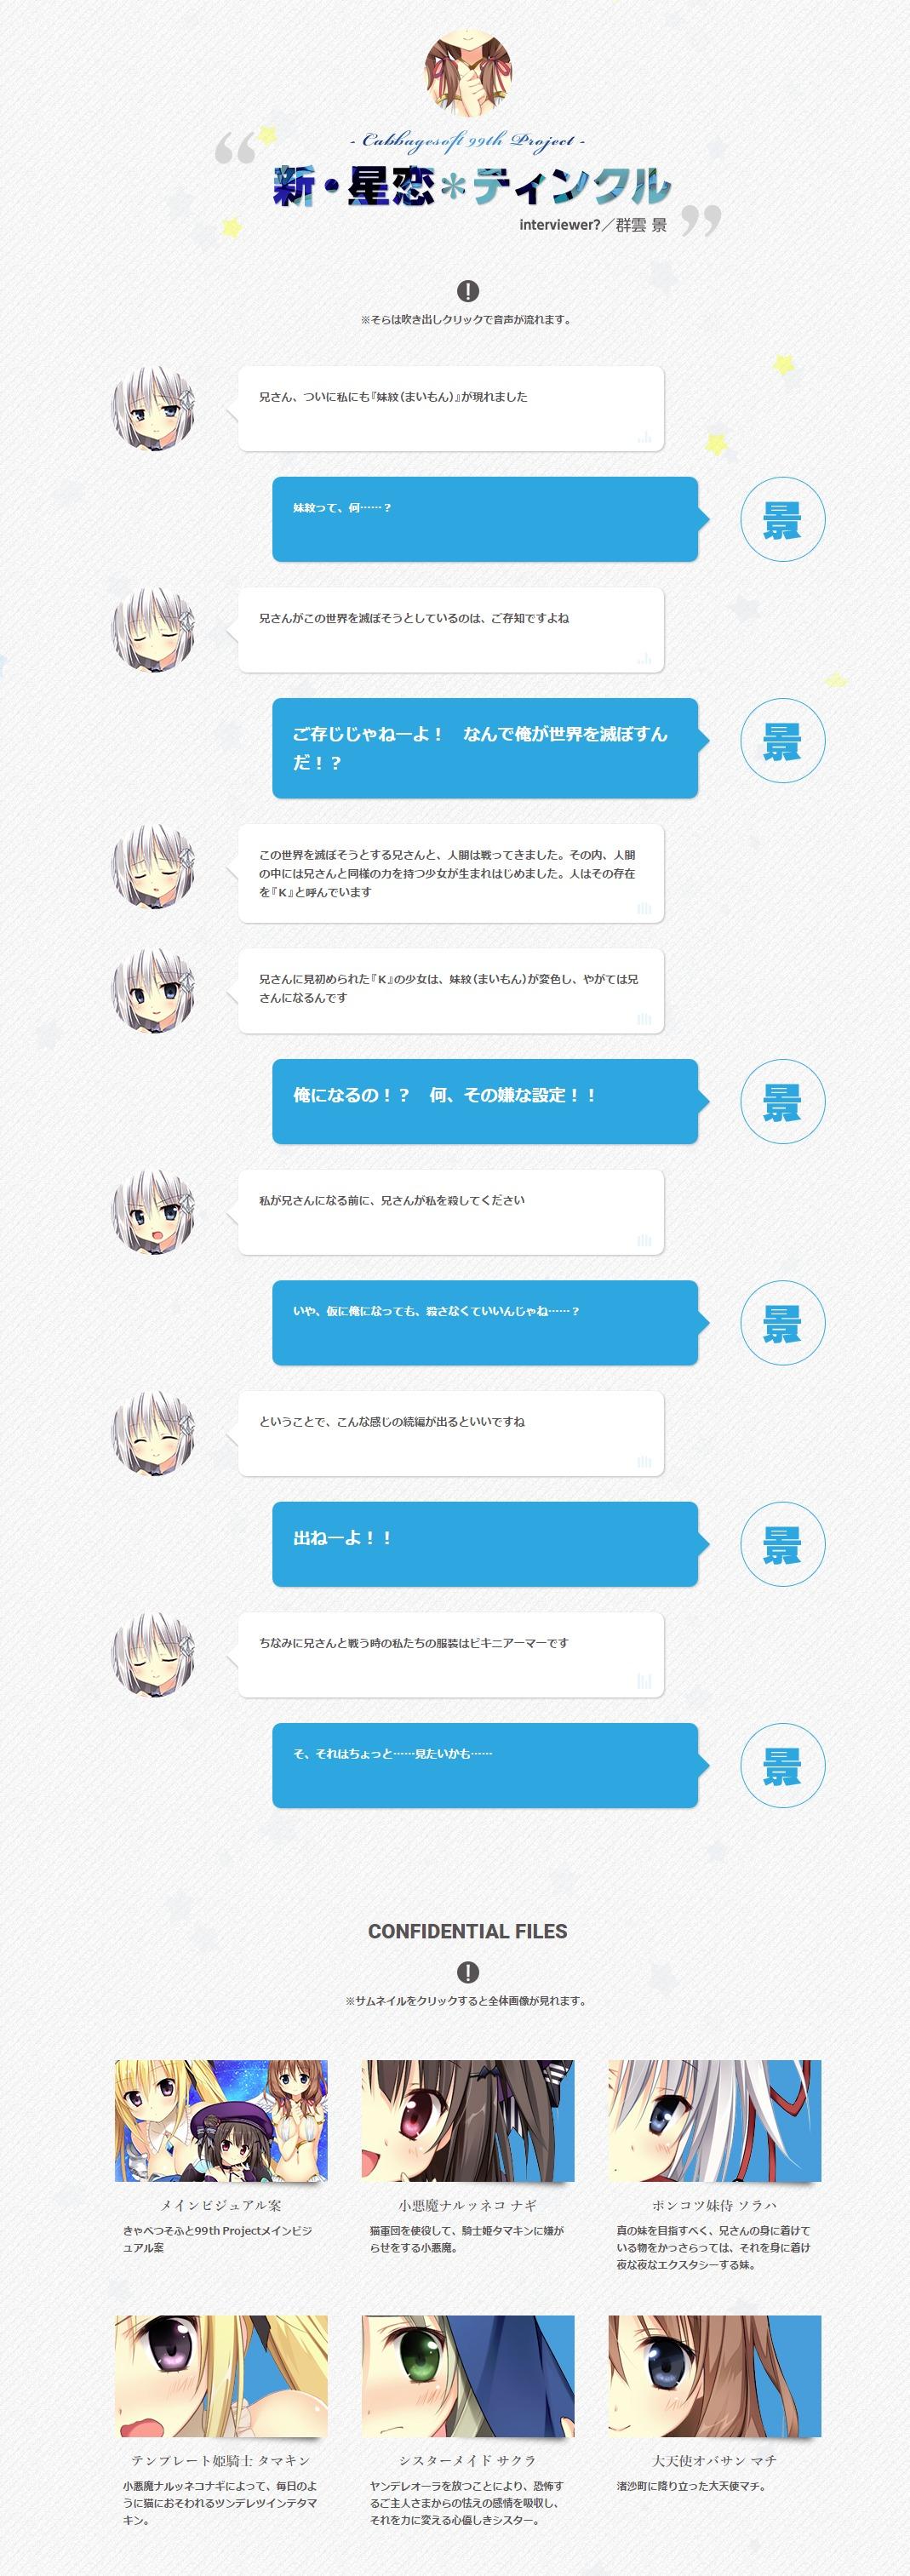 星恋*ティンクル|APRIL FOOL S DAY